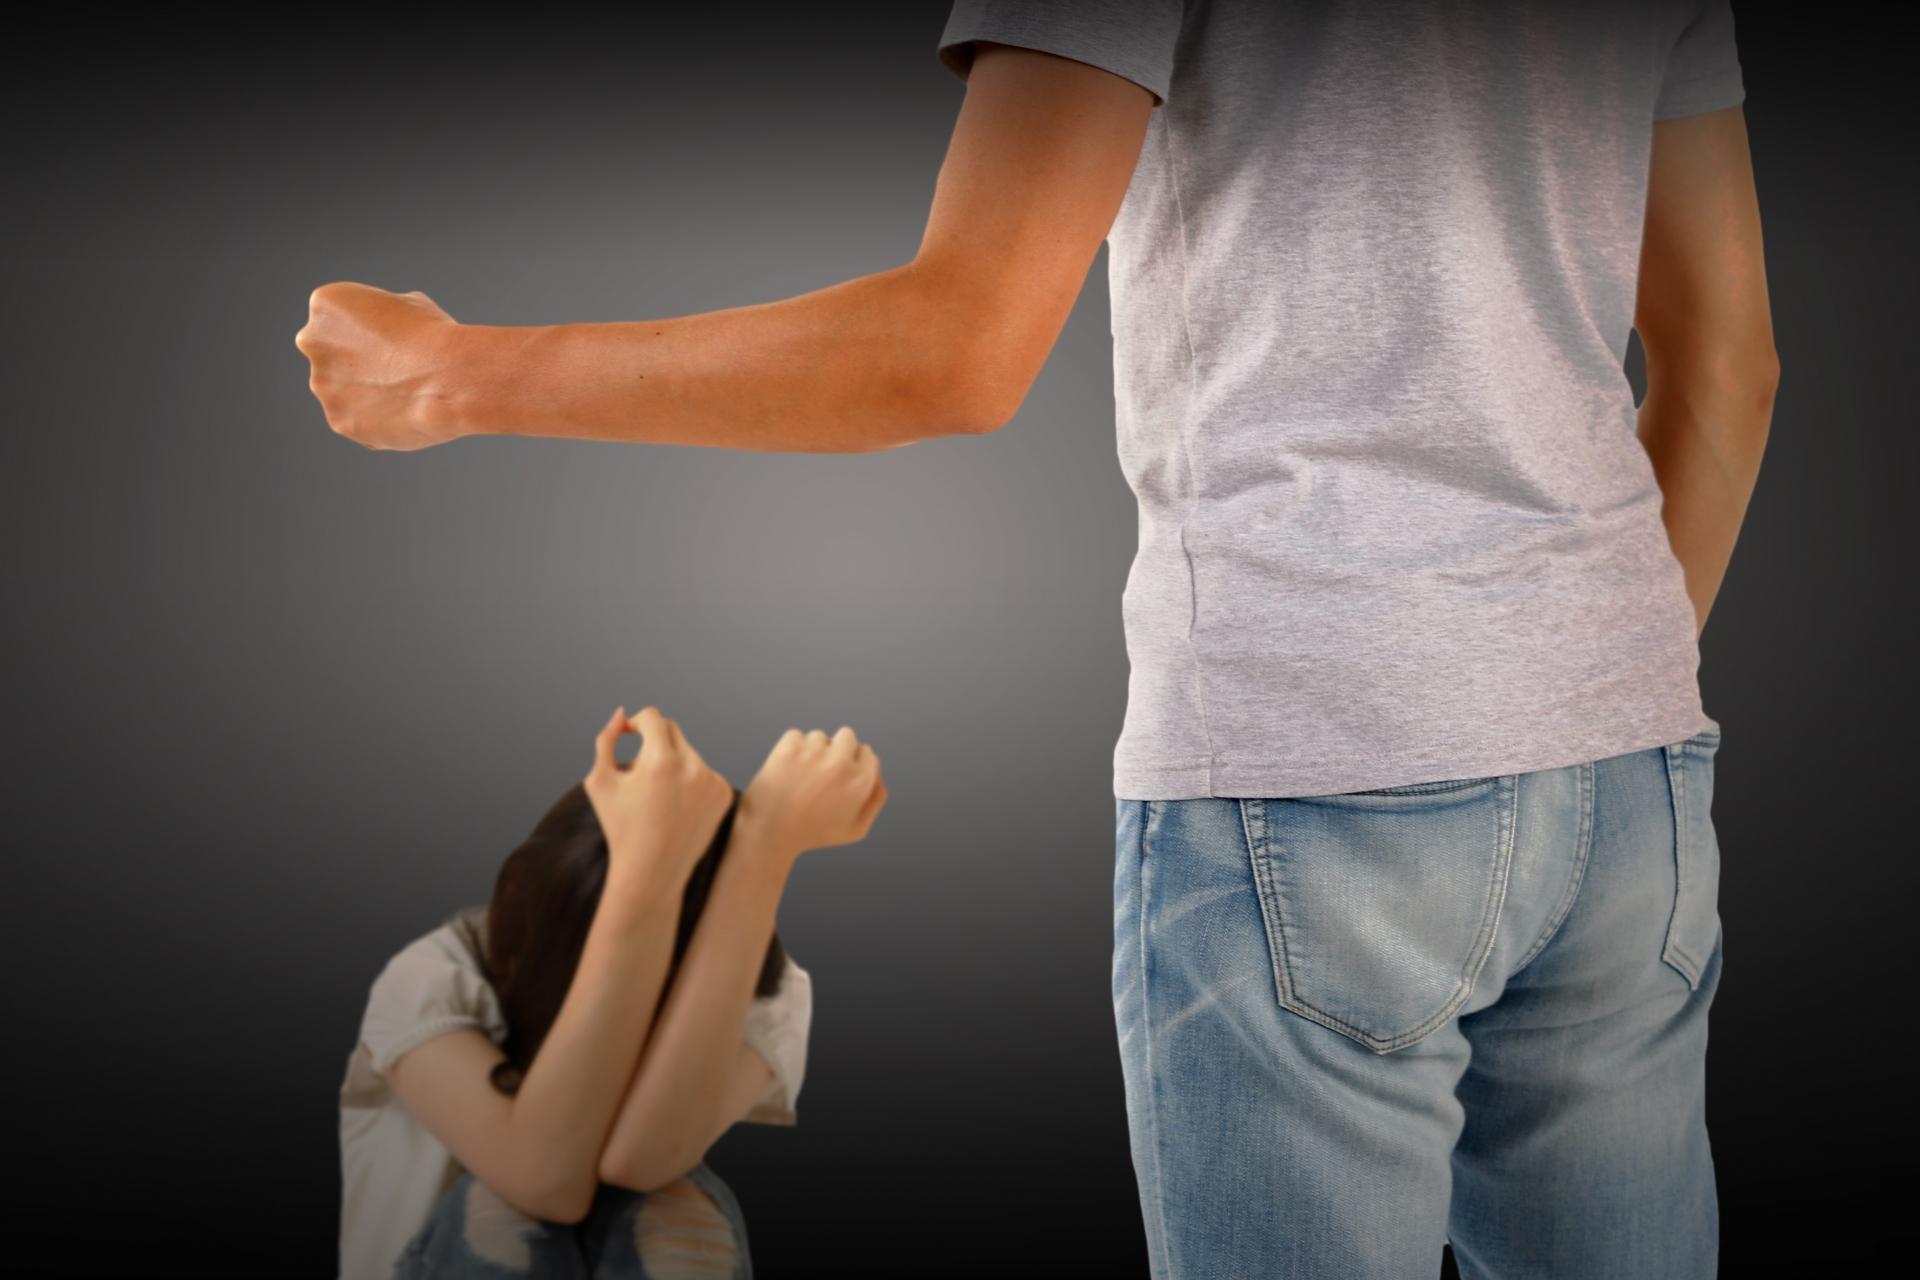 モラハラが原因で離婚。離婚後しつこい連絡や要求にうんざり!